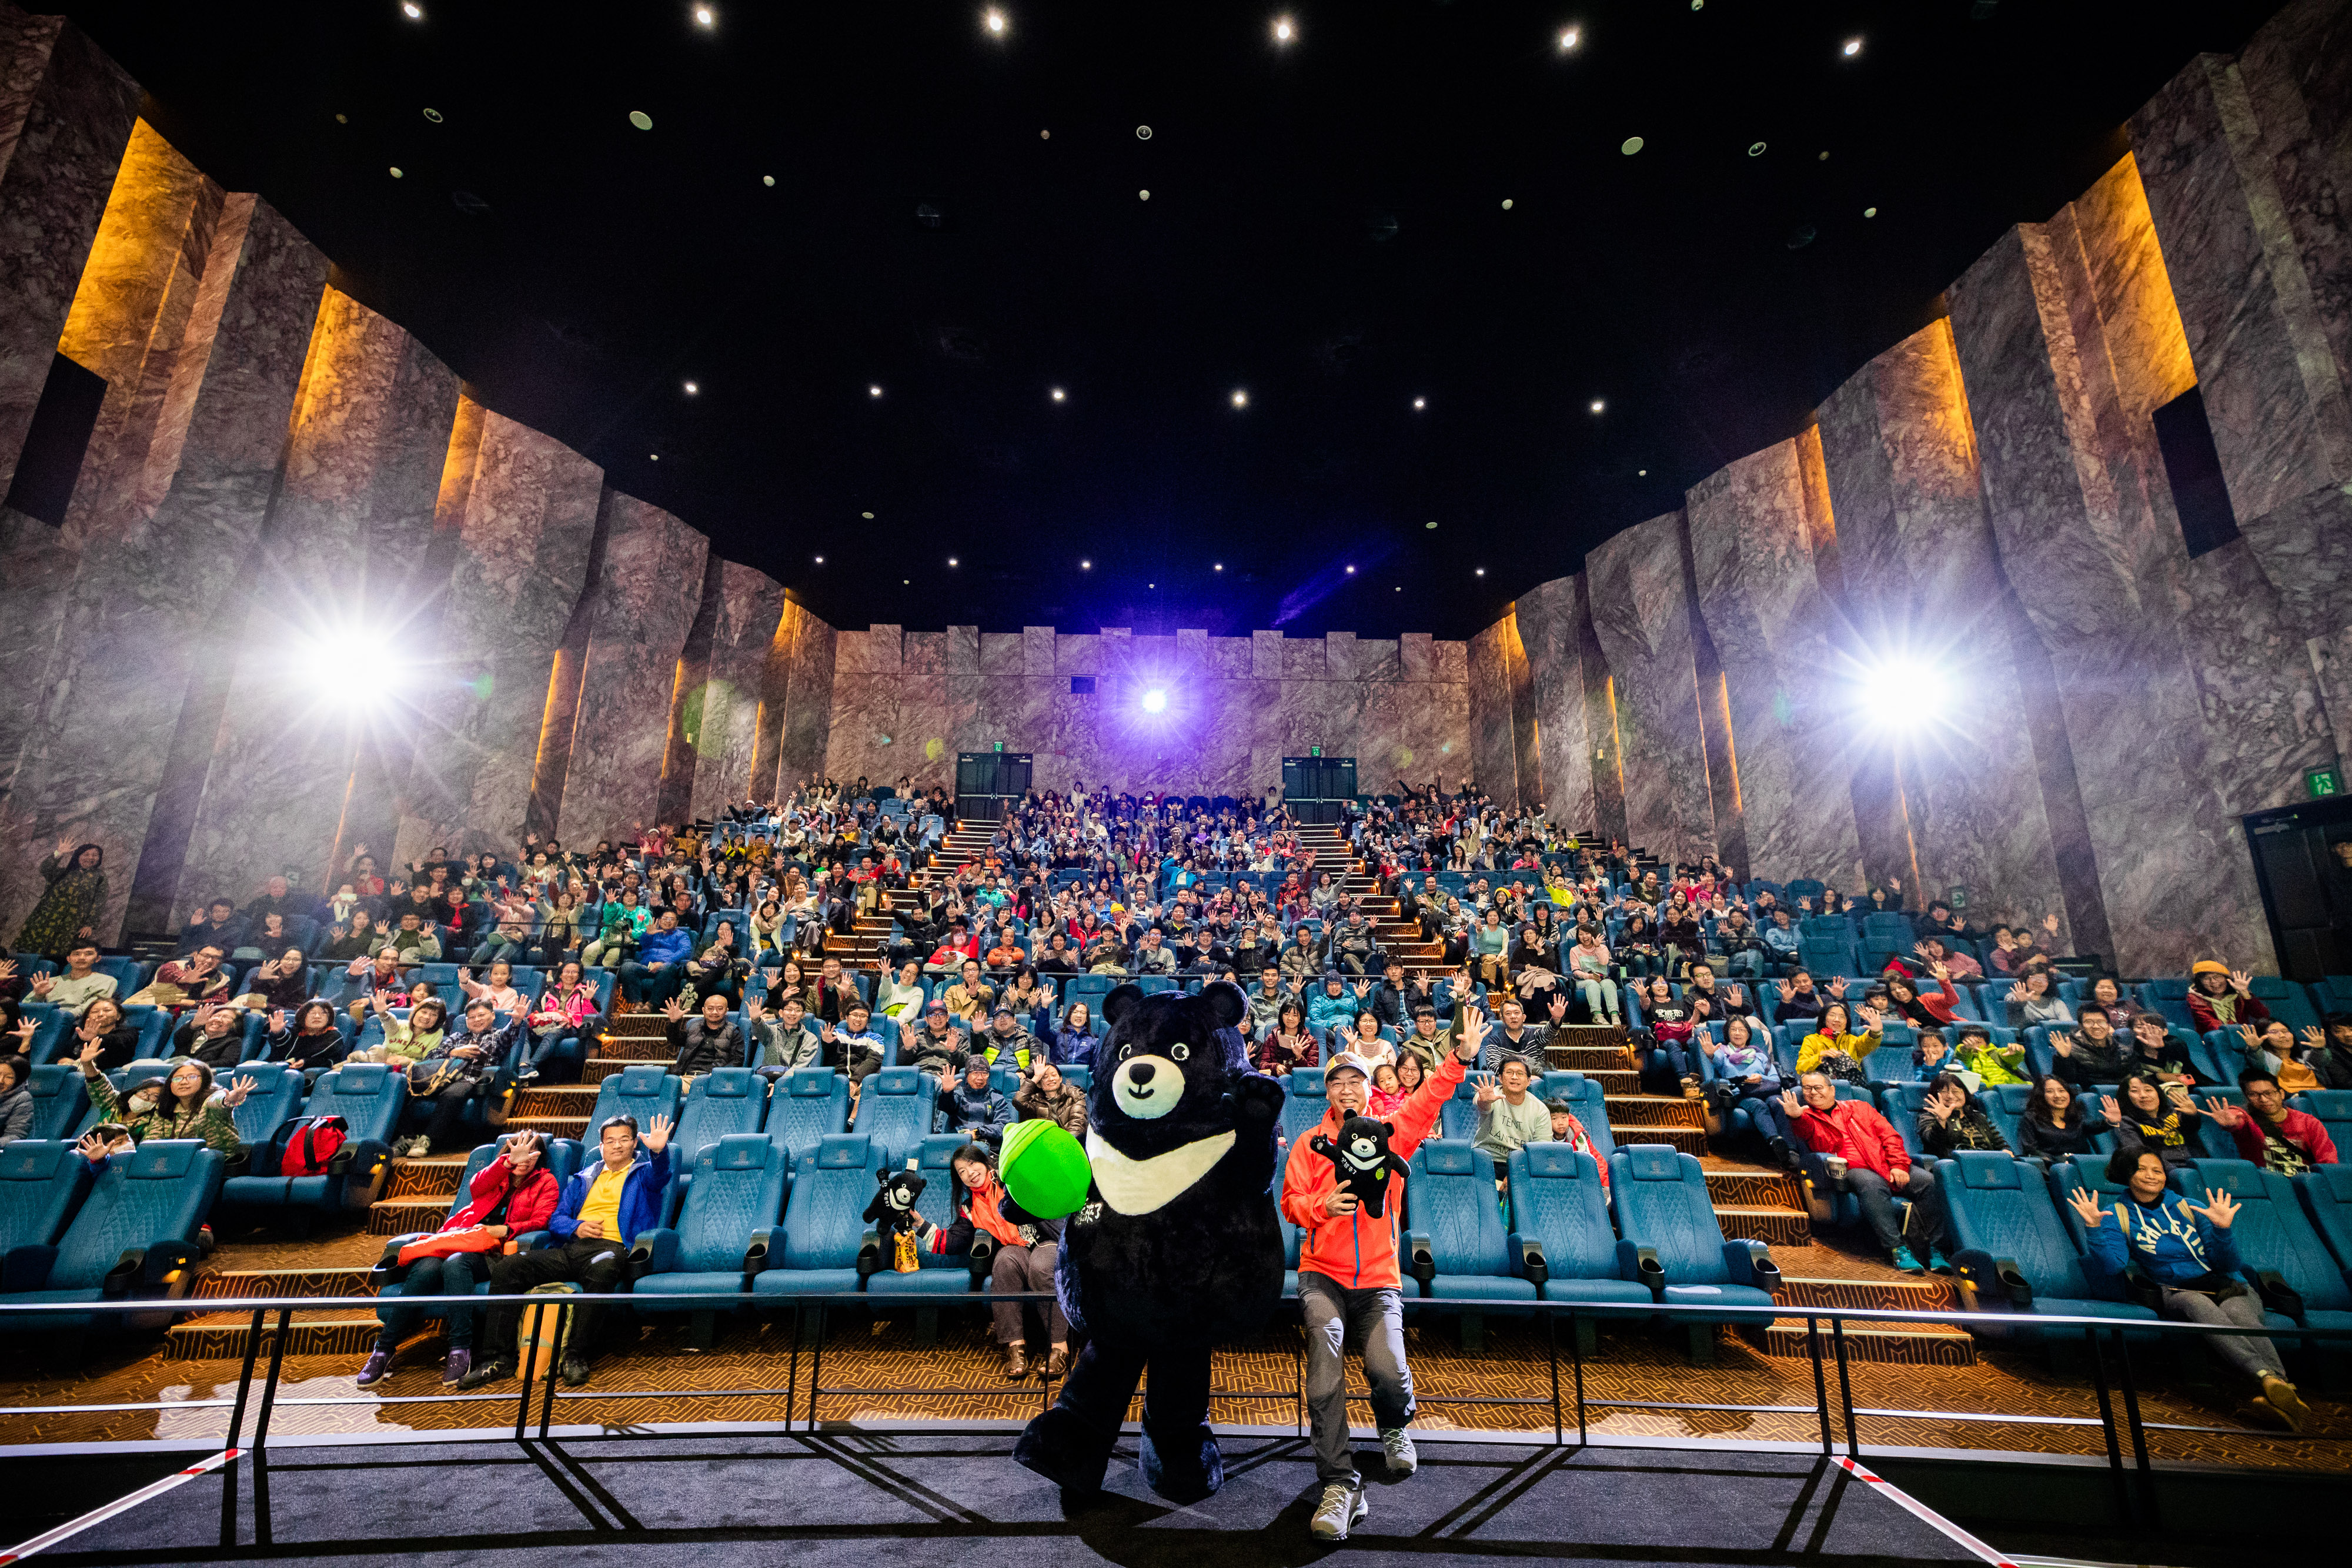 昨日《黑熊來了》舉行感恩放映 390席近乎滿座